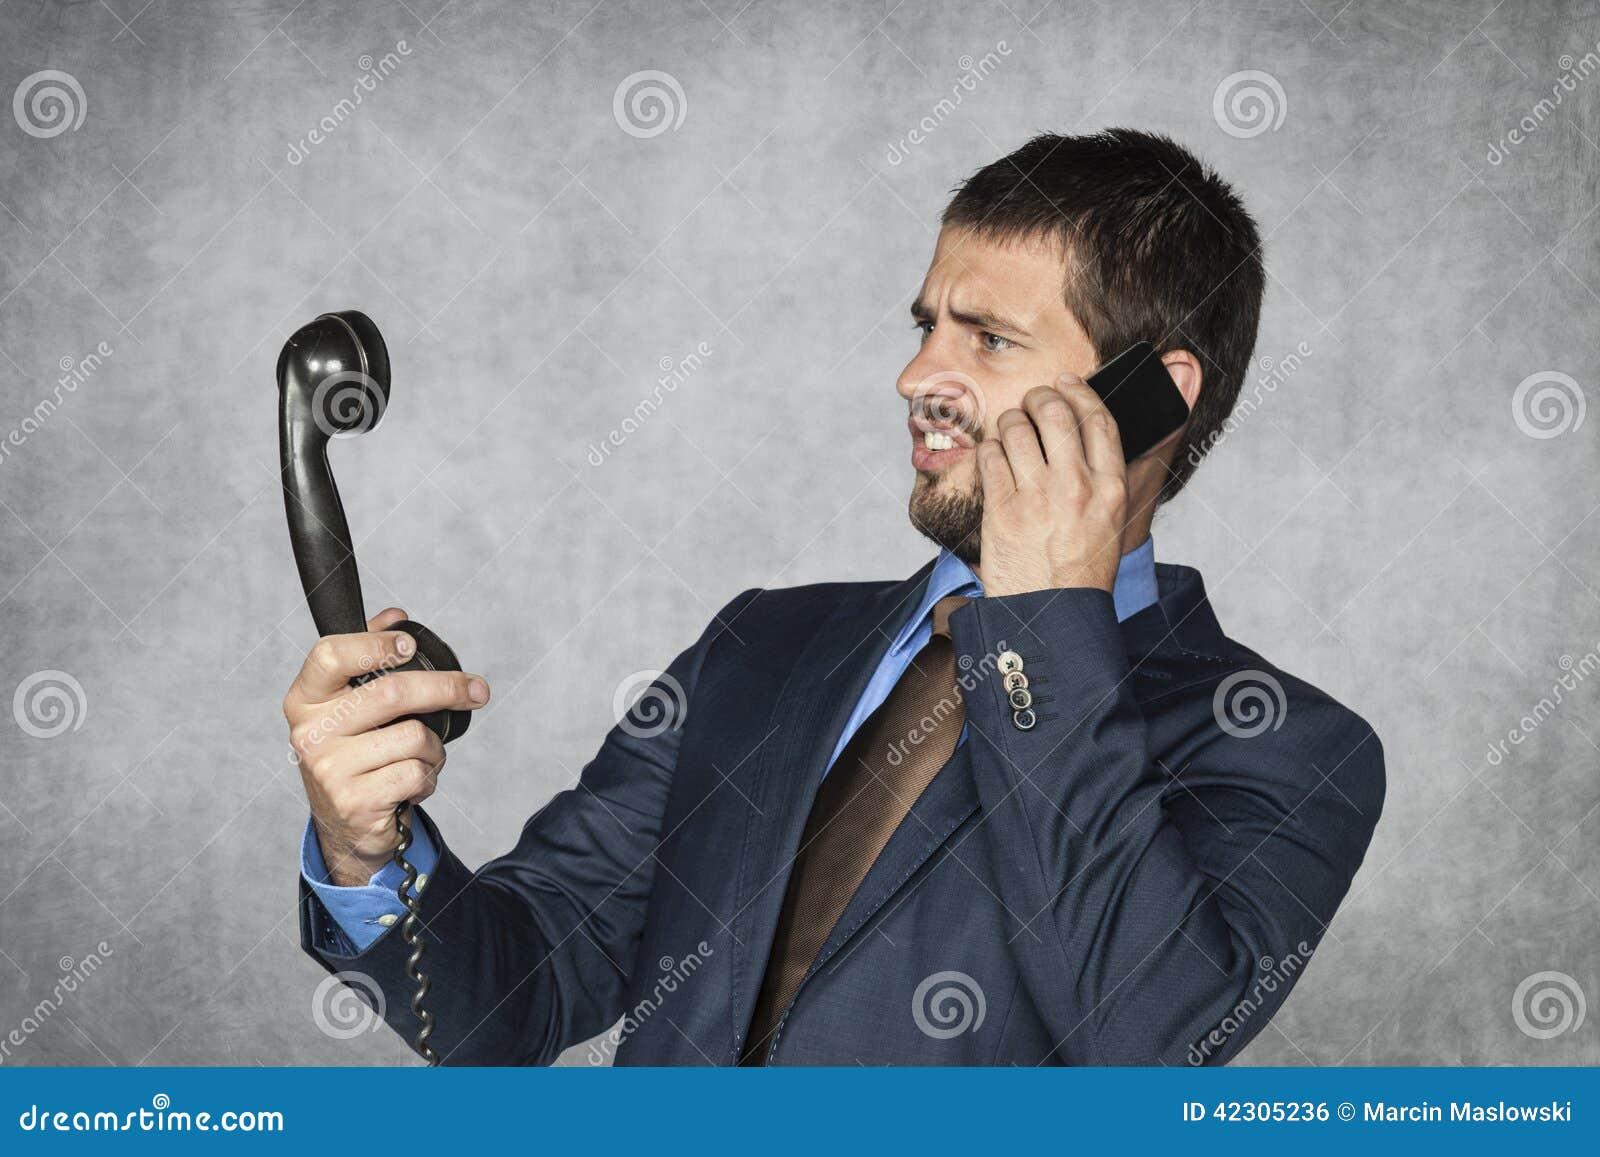 Τα παλαιά τηλέφωνα ήταν πολύ παράξενα